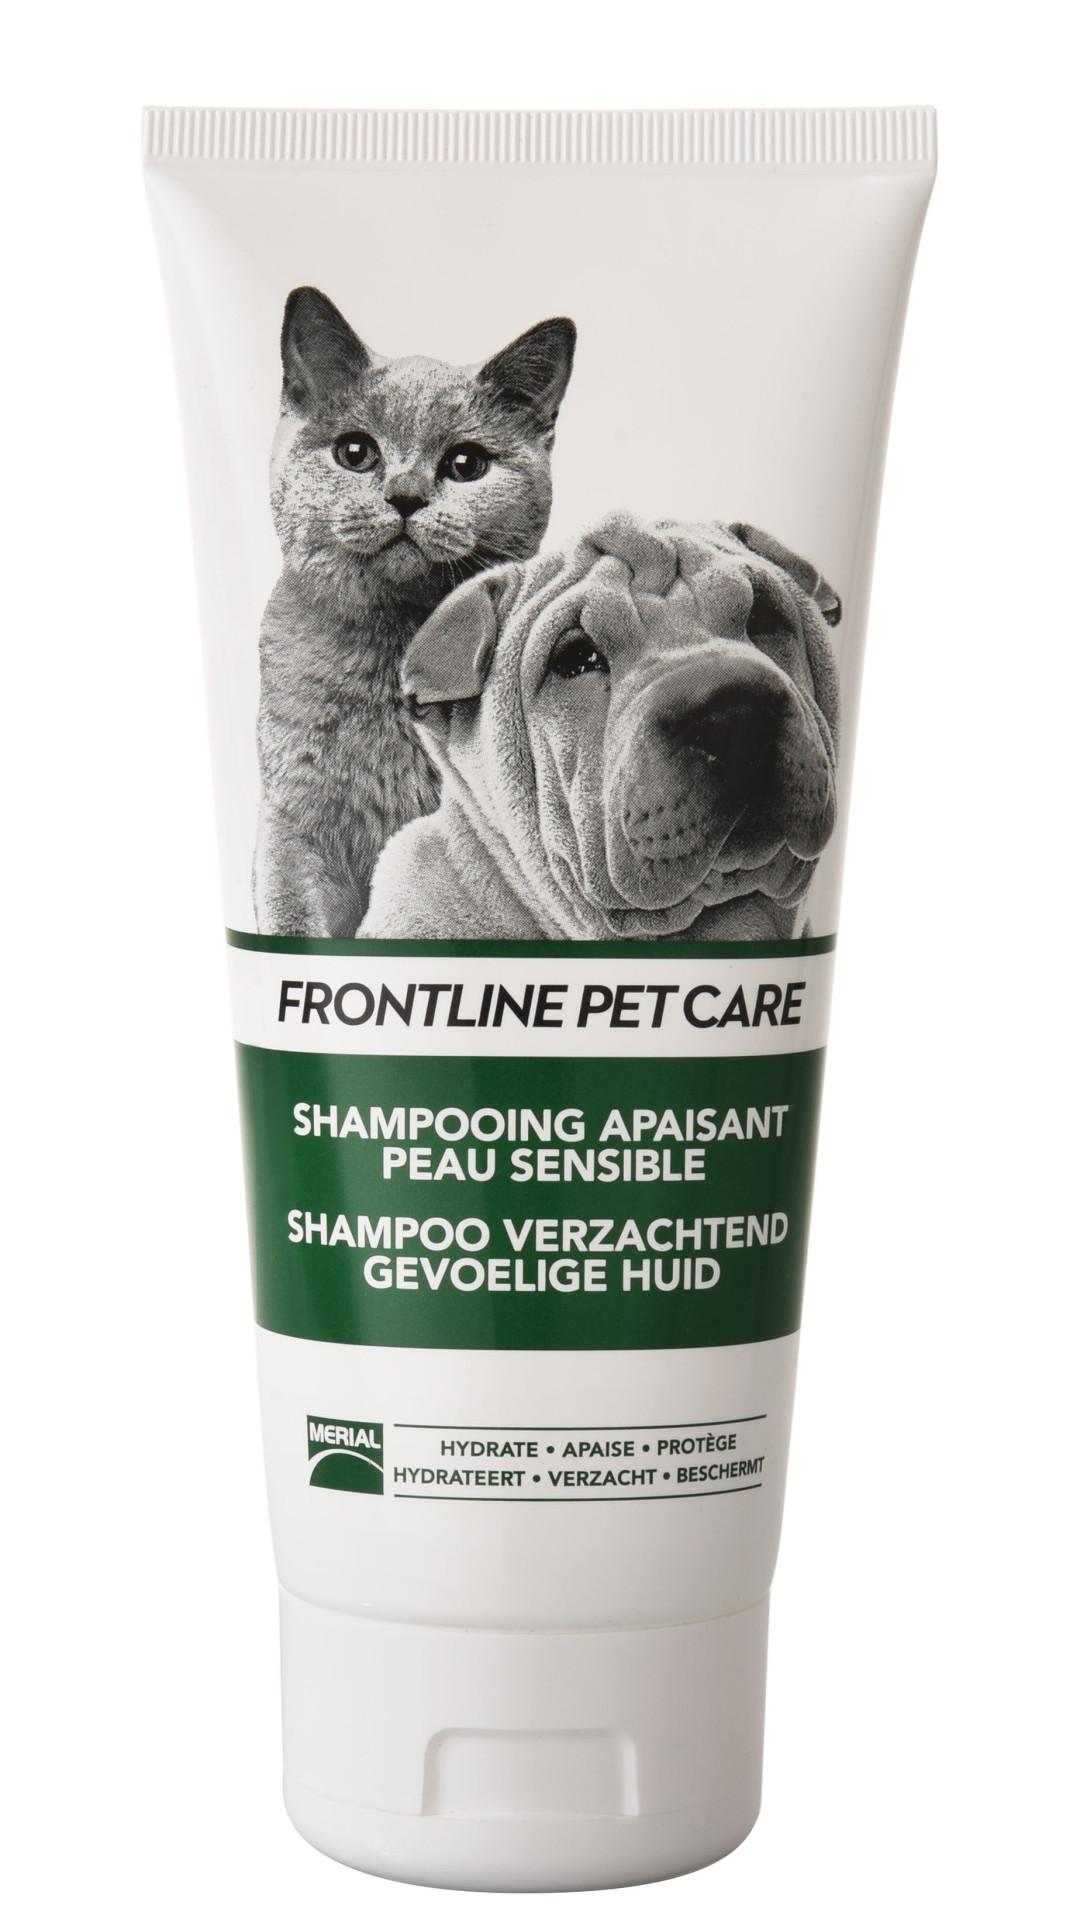 Frontline Pet Care shampoo Verzachtend Gevoelige huid 200 ml